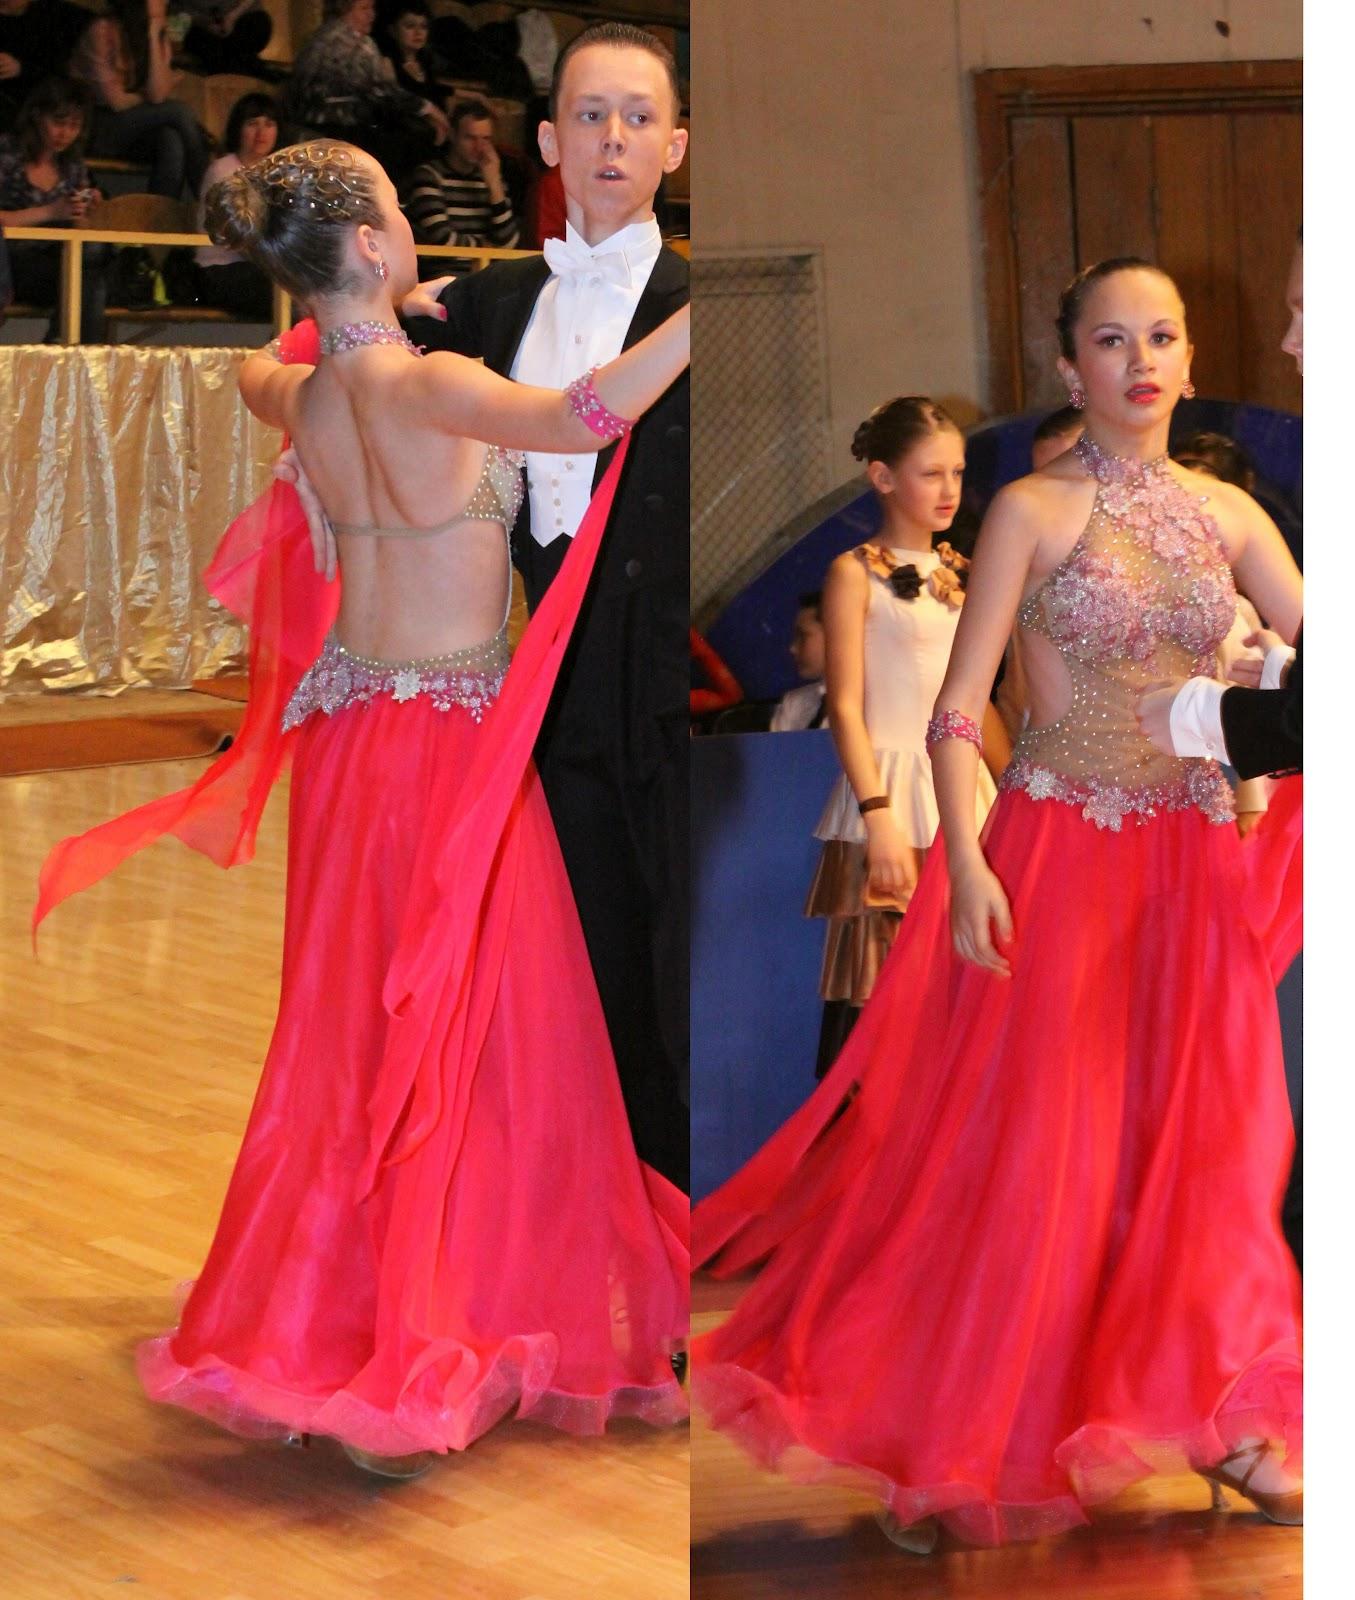 Фото платьев по бальным танцам ювеналы 2011 года 4